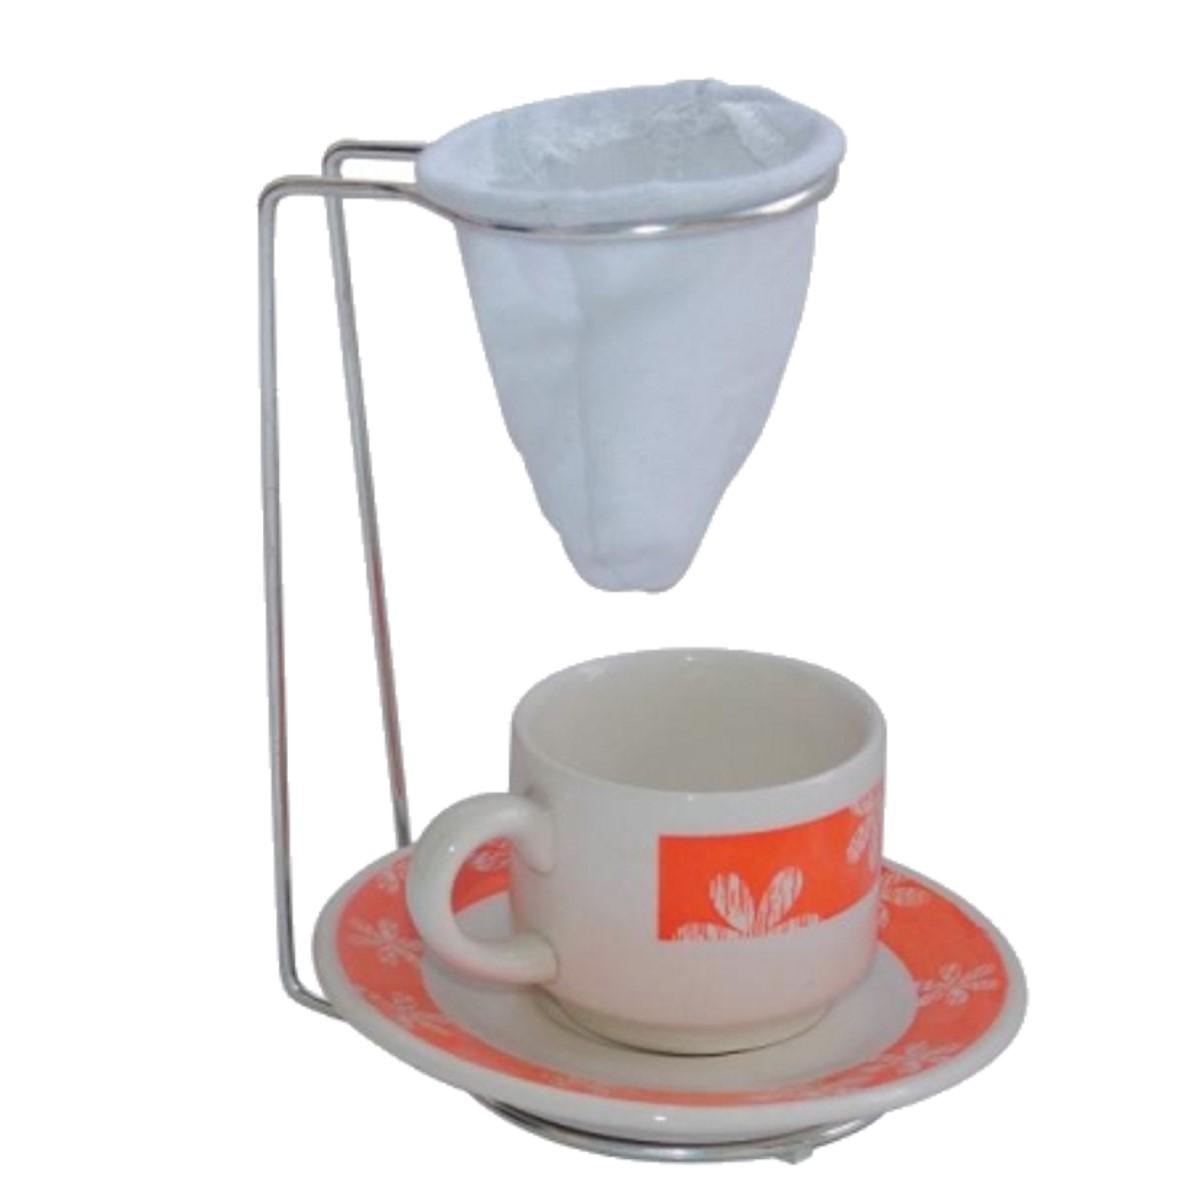 Suporte para Coador de Café Expresso Mini e Coador de Pano  - Panela de Ferro Fundido